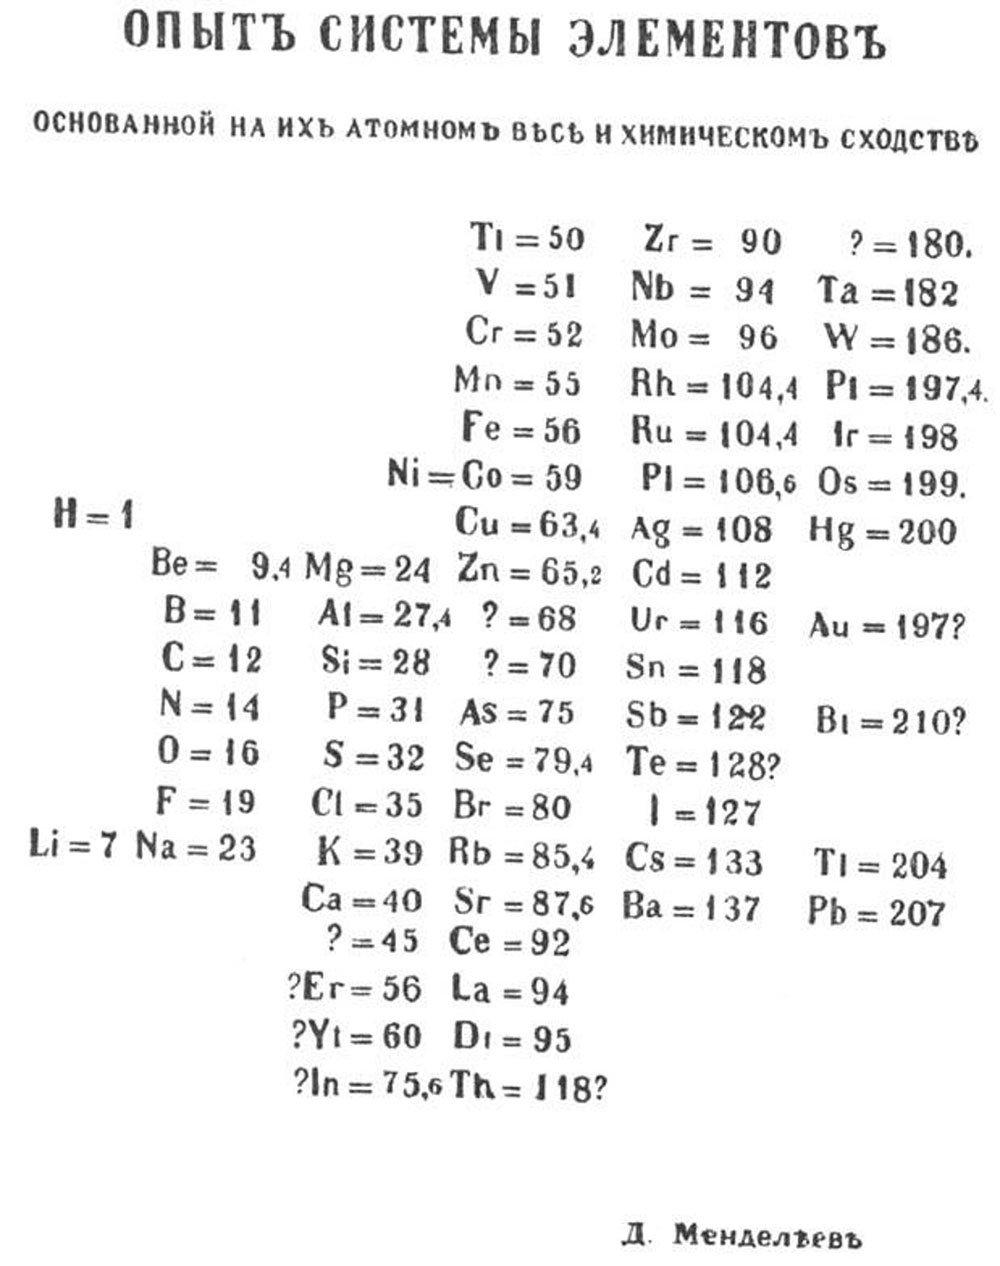 Как создавалась периодическая таблица элементов Менделеева